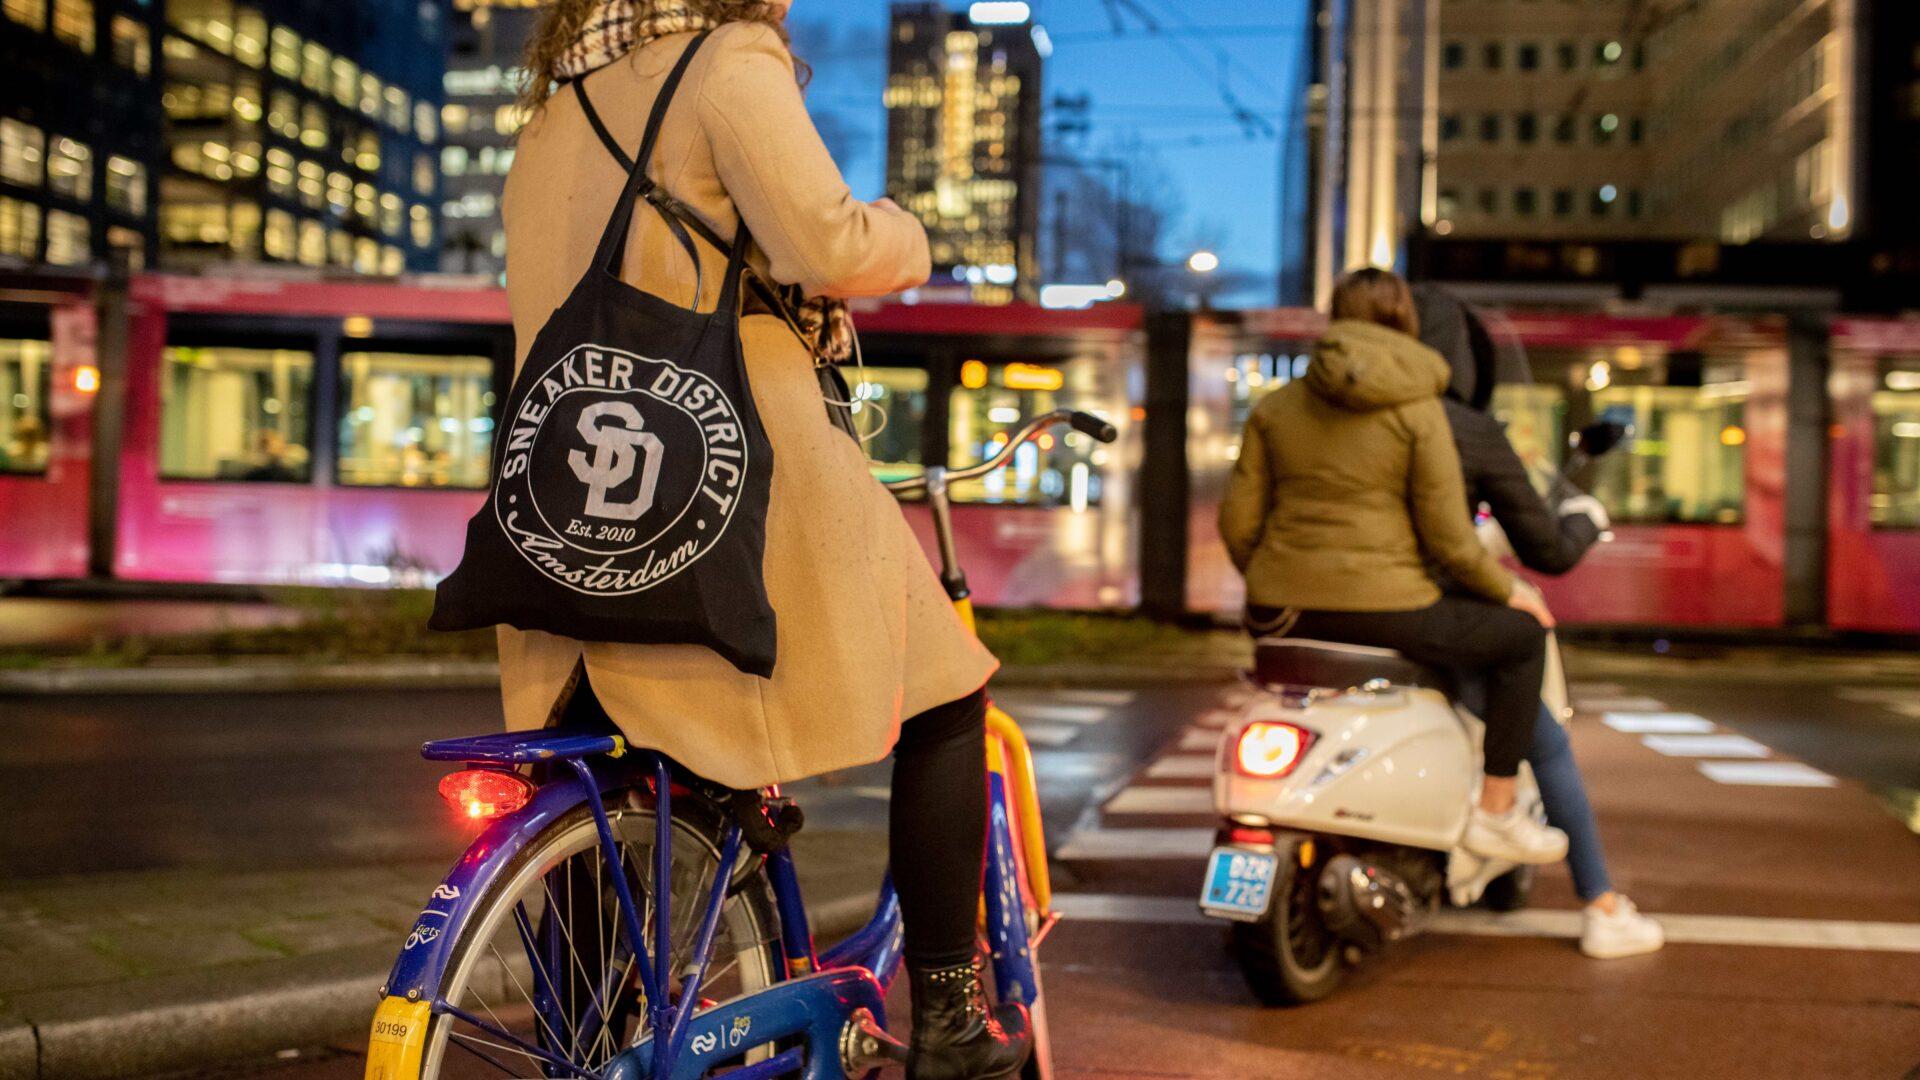 Vrouw op fiets met daarachter een scooter en tram